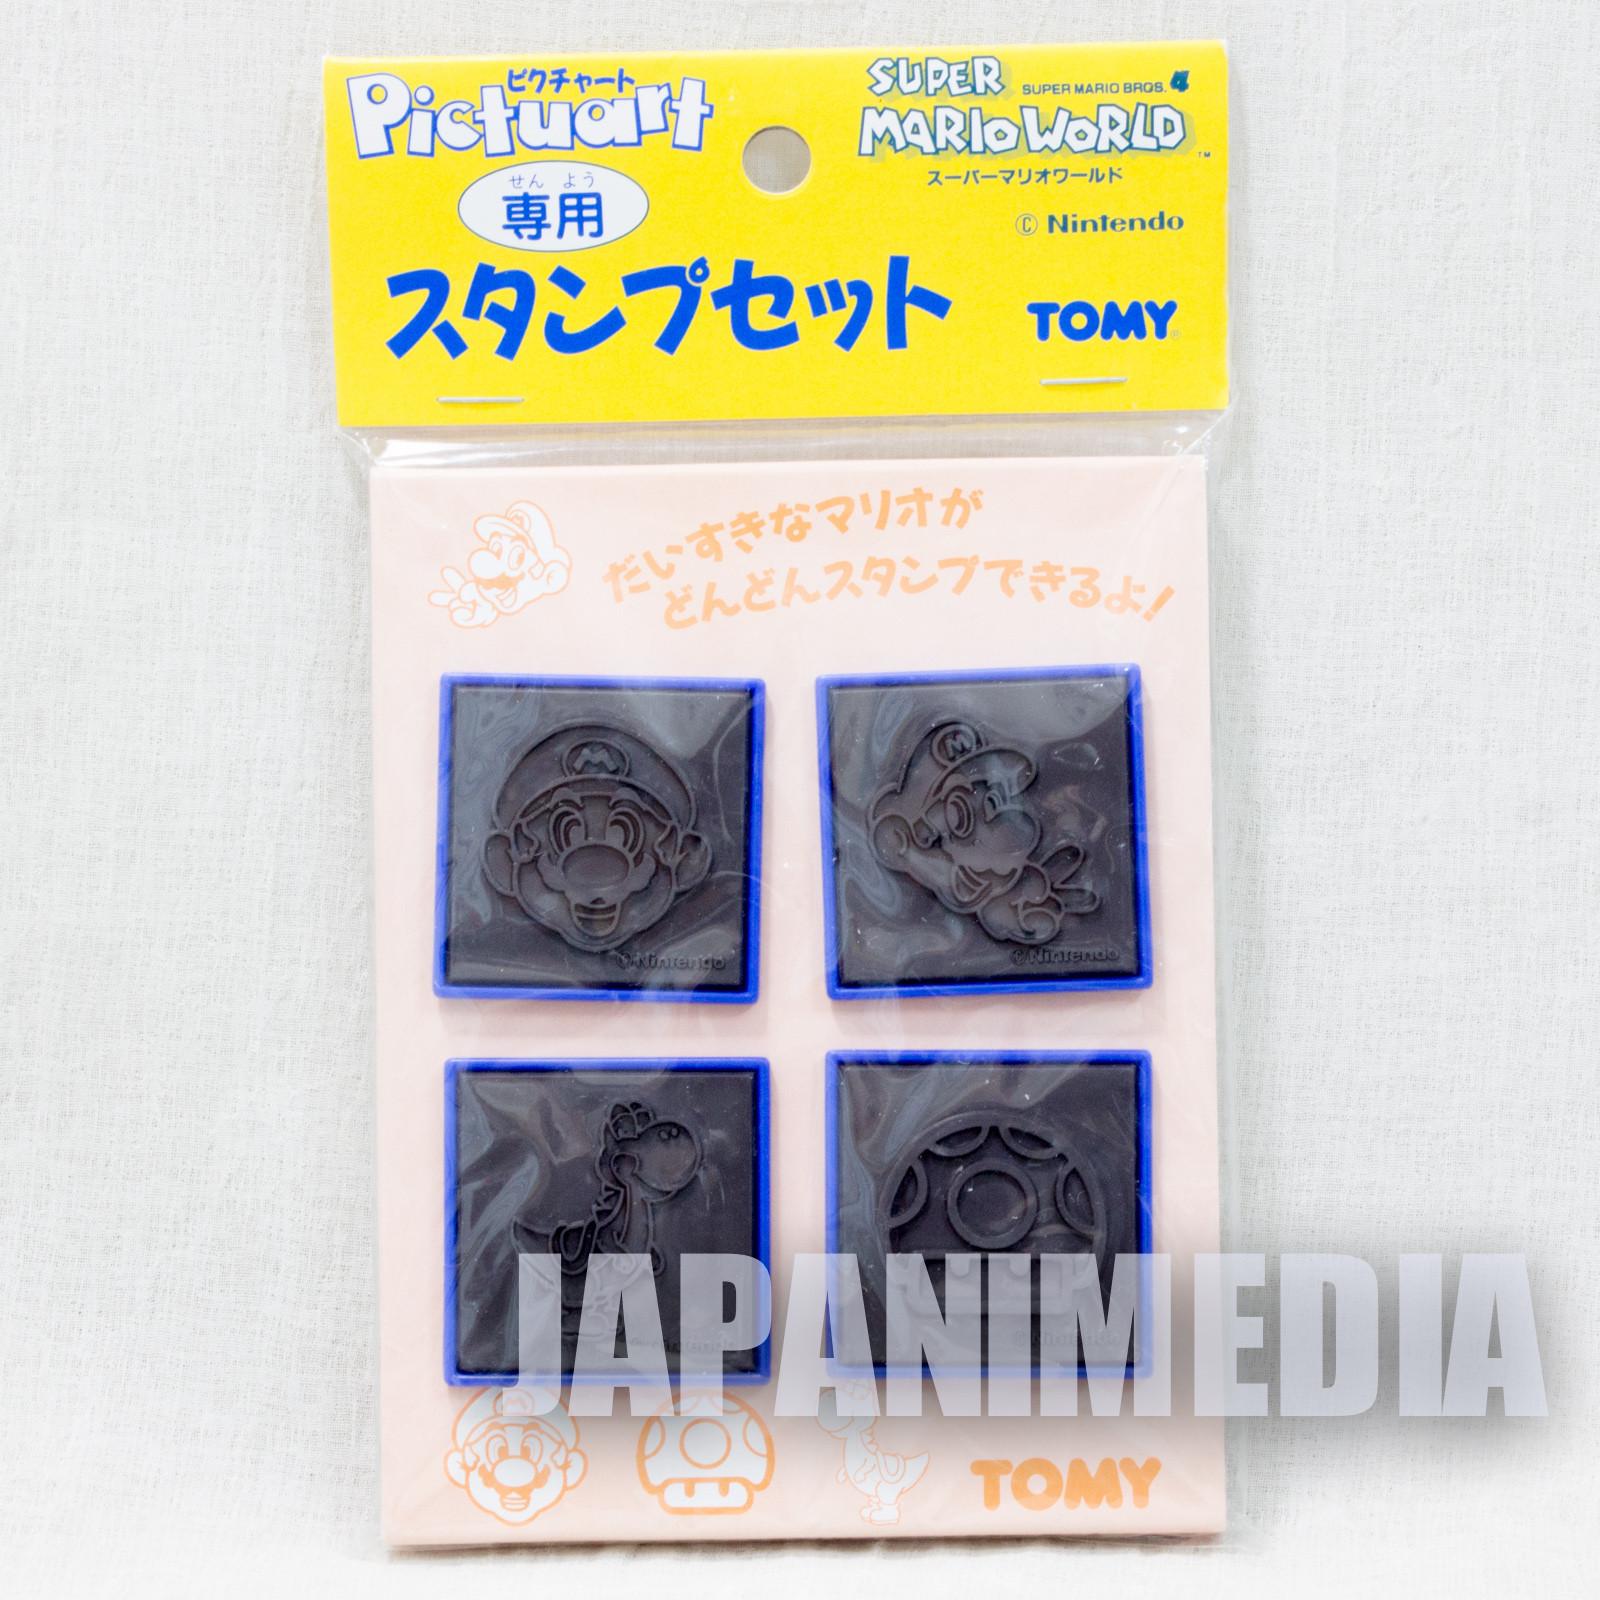 Retro Super Mario World Pictuart Stamp 4pc Set TOMY SNES NINTENDO